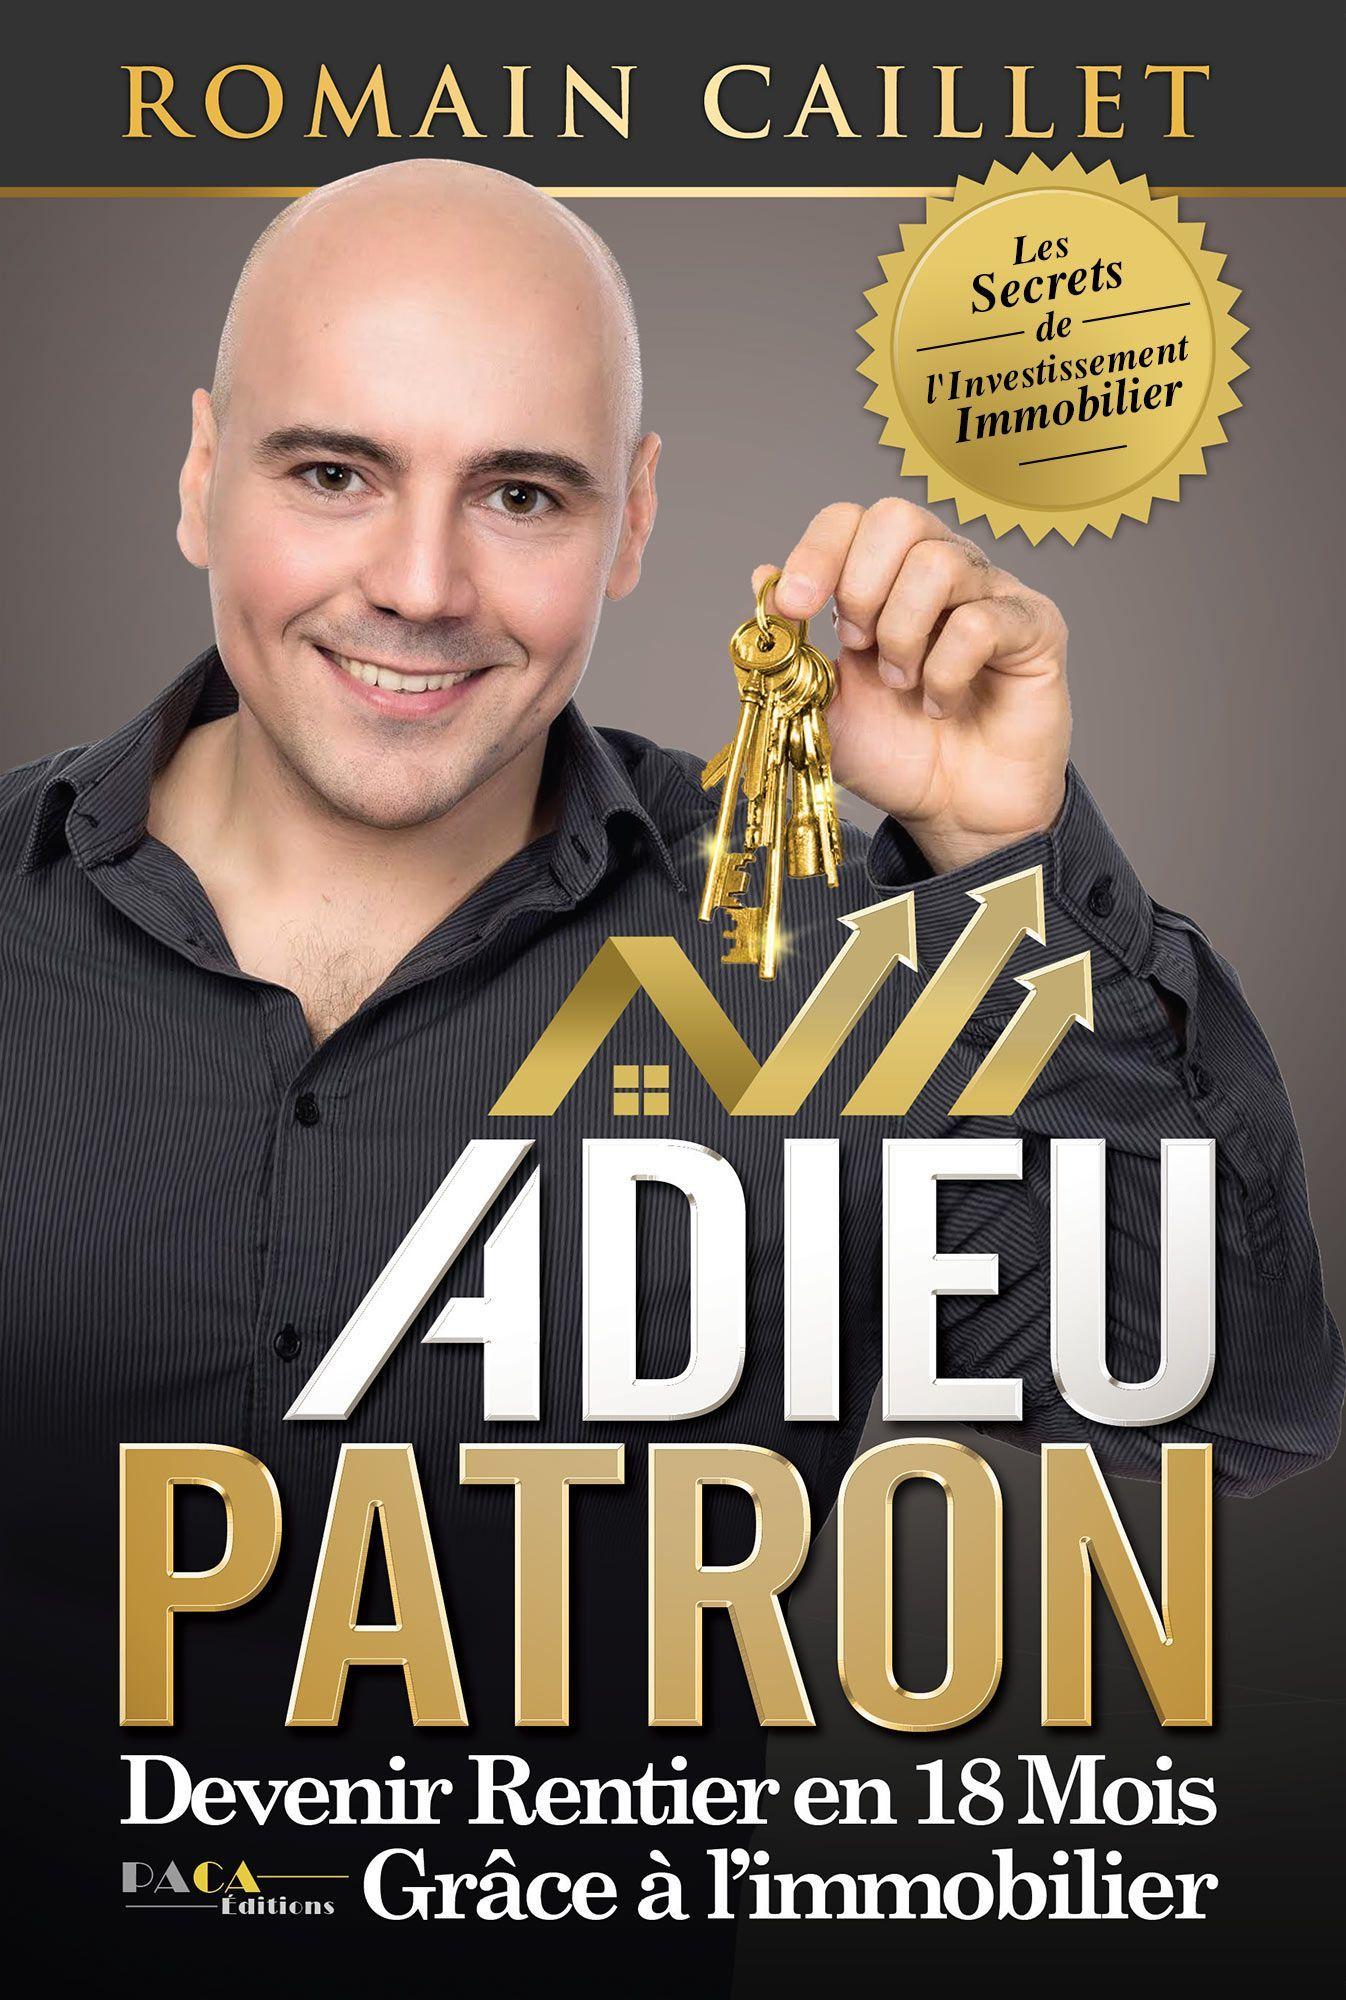 ADIEU PATRON : DEVENIR RENTIER EN 18 MOIS GRACE A L'IMMOBILIER